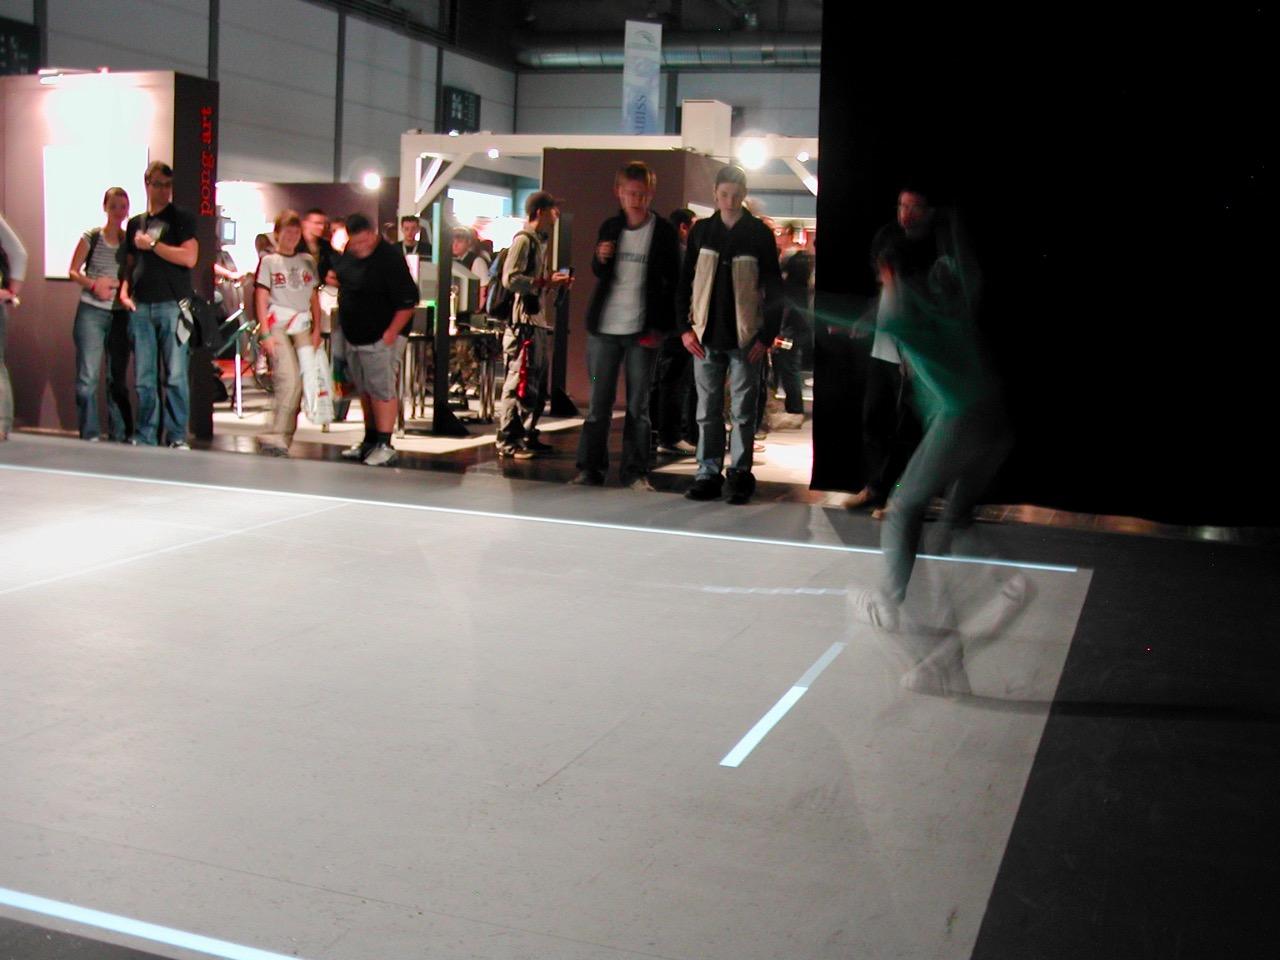 Pong mit vollem Körpereinsatz. Eine Installation des Computerspielemuseums in Berlin. (Bild: André Eymann)